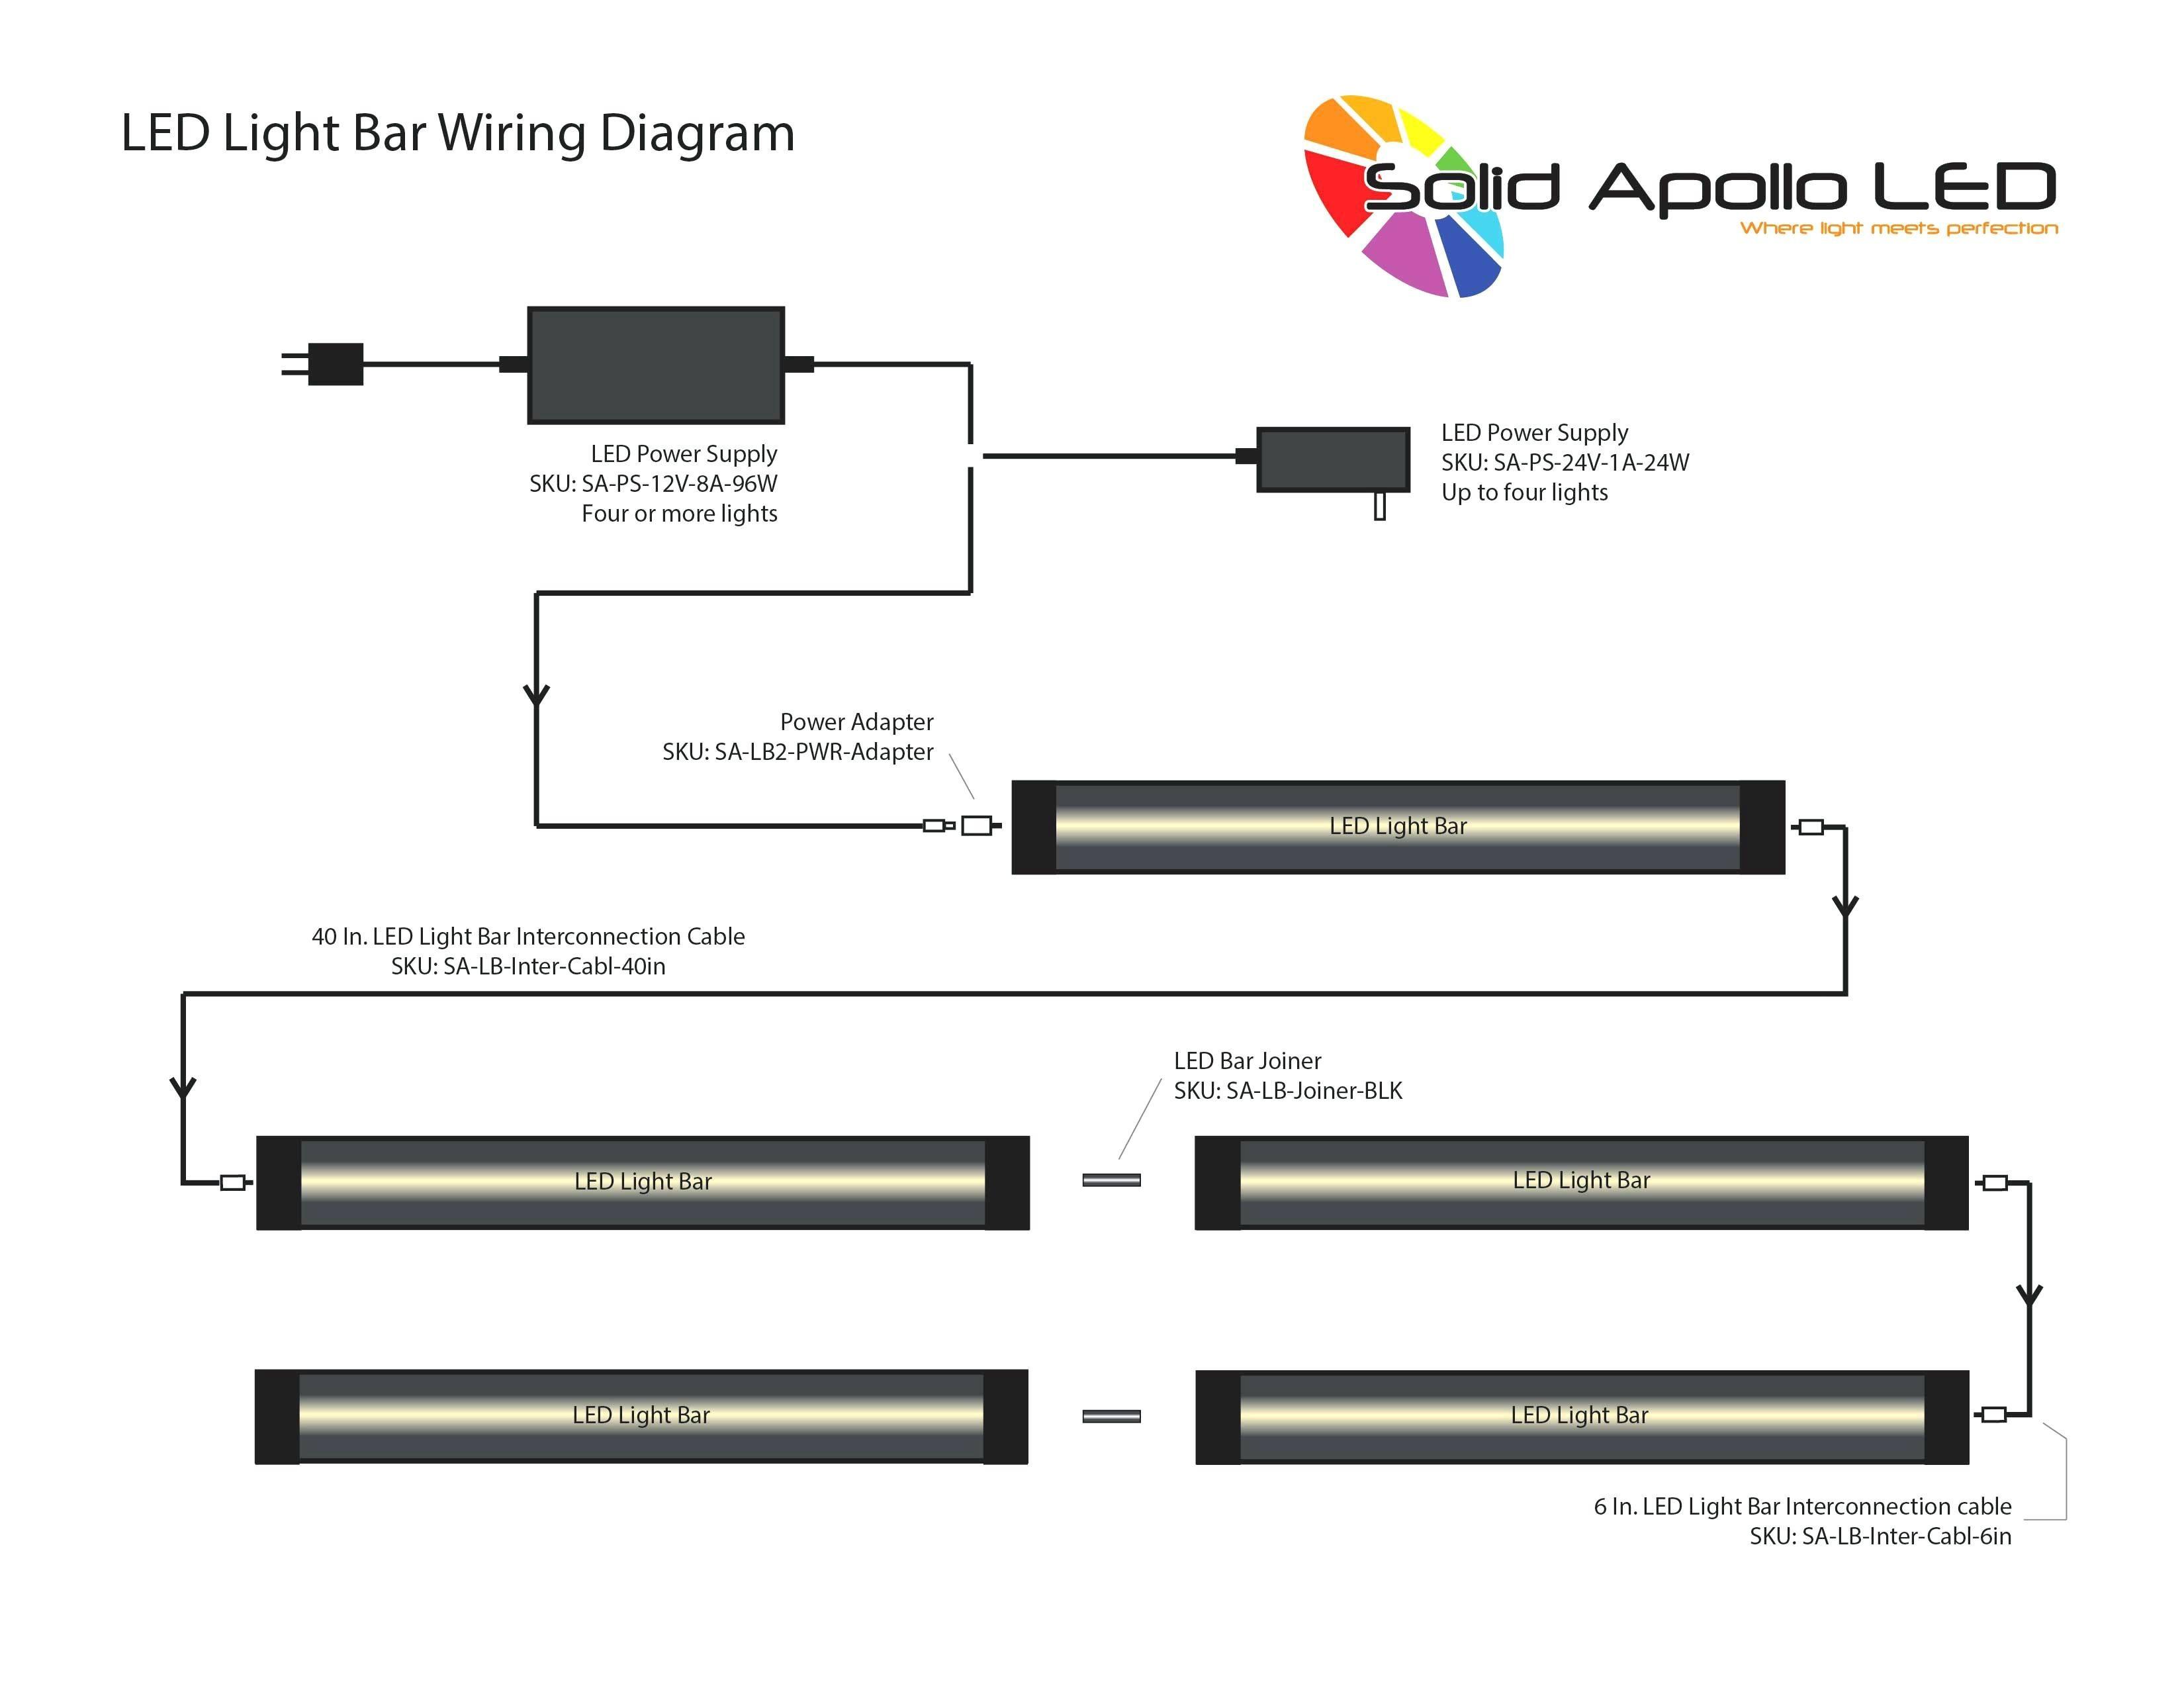 wiring diagram for led strip lighting best wiring diagram led light bar new led light strip wiring diagram with of wiring diagram for led strip lighting